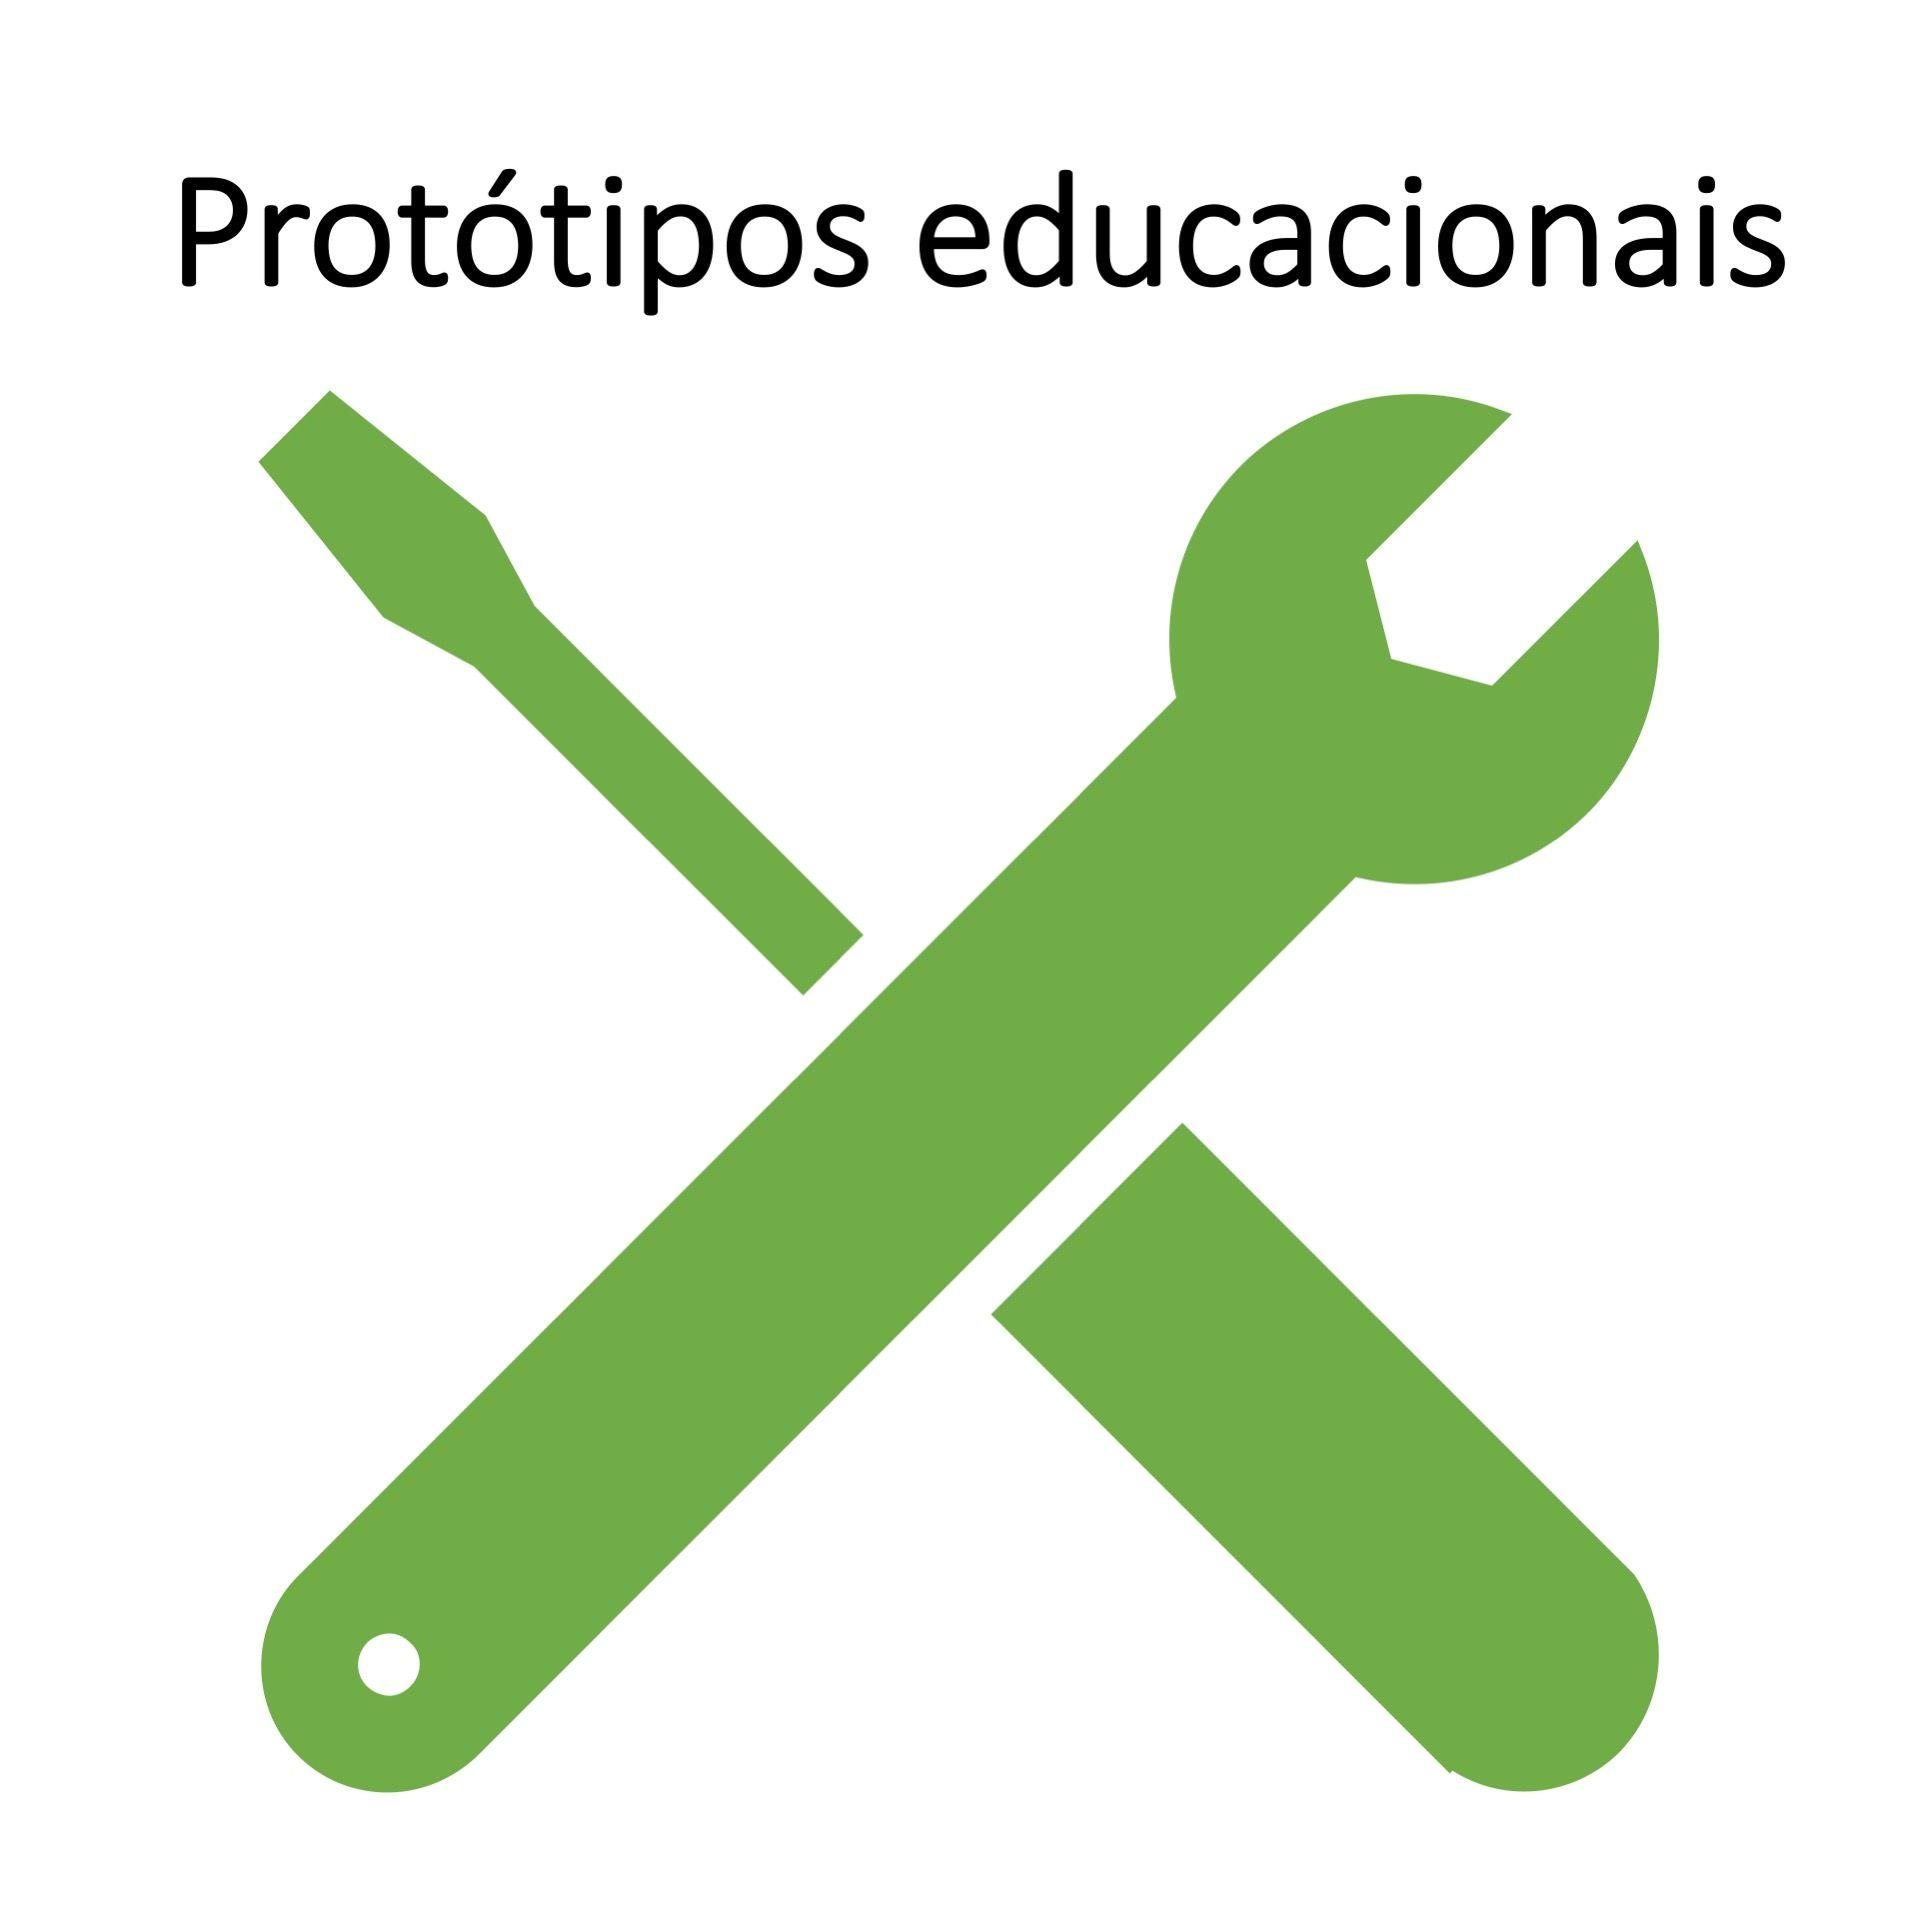 Protótipos educacionais